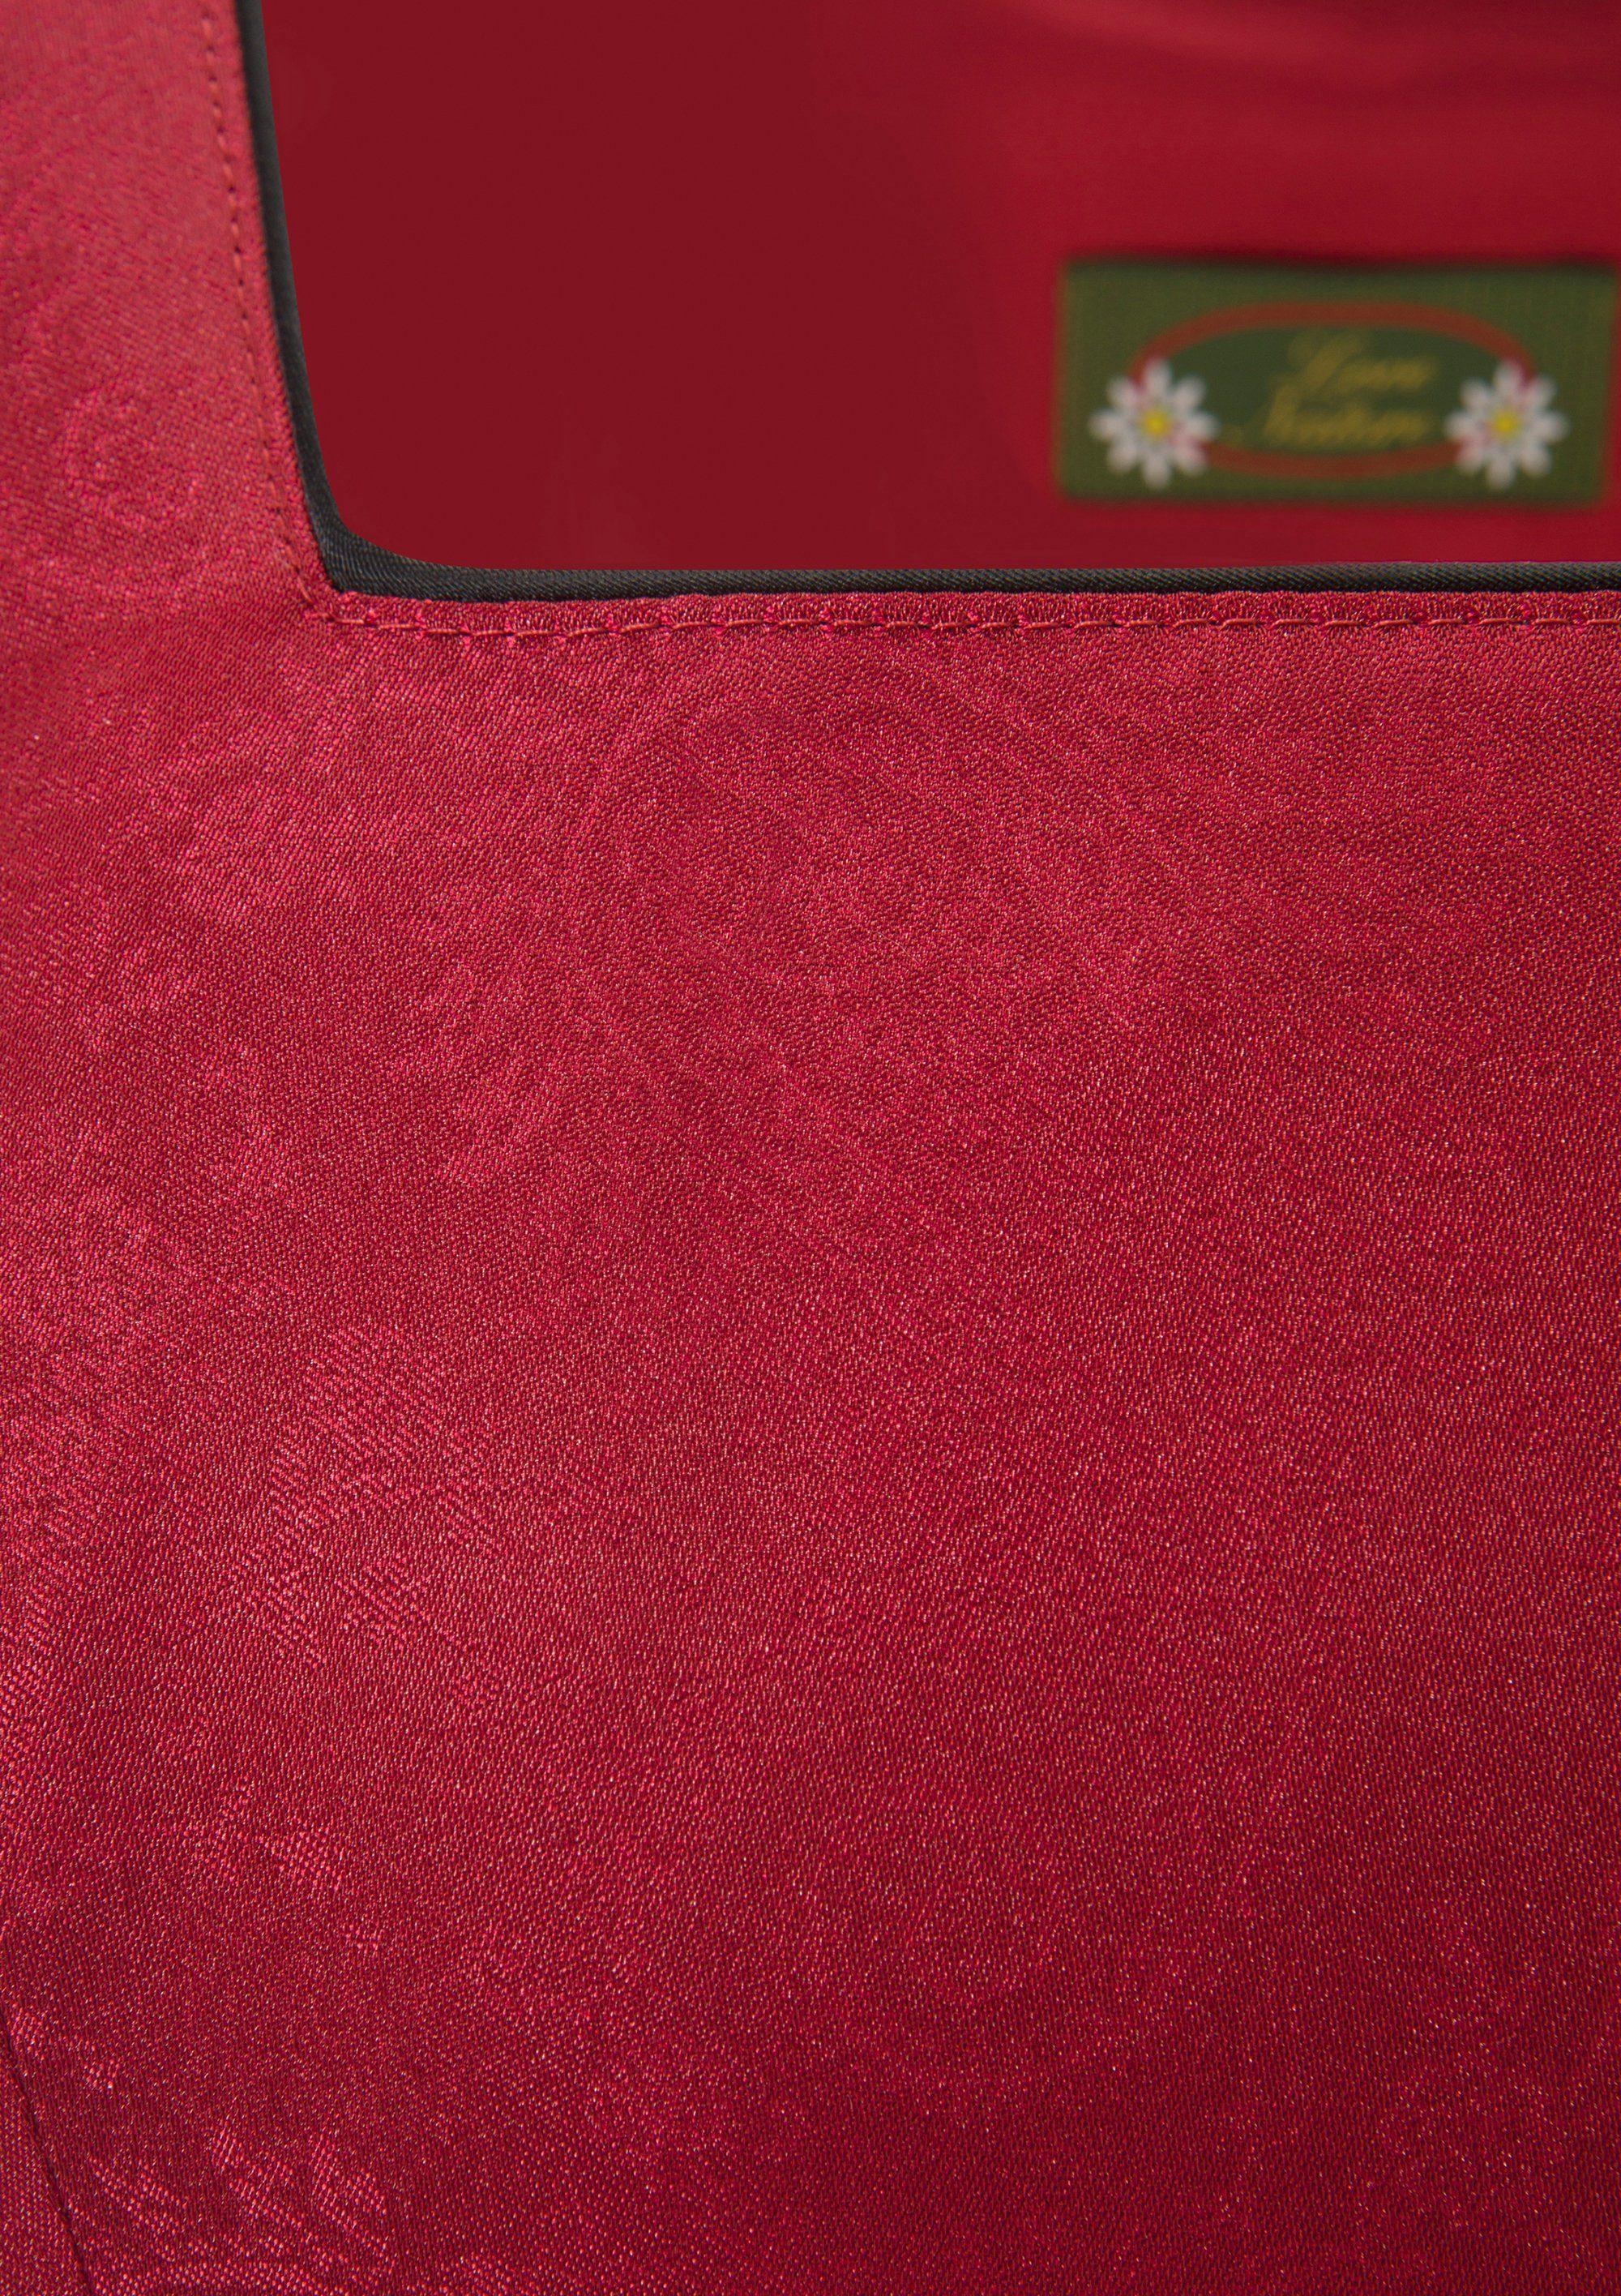 Online tlgDamen Trachtenkleid2 Love Karree Kaufen Nature Mit auschnitt mN80wOvn